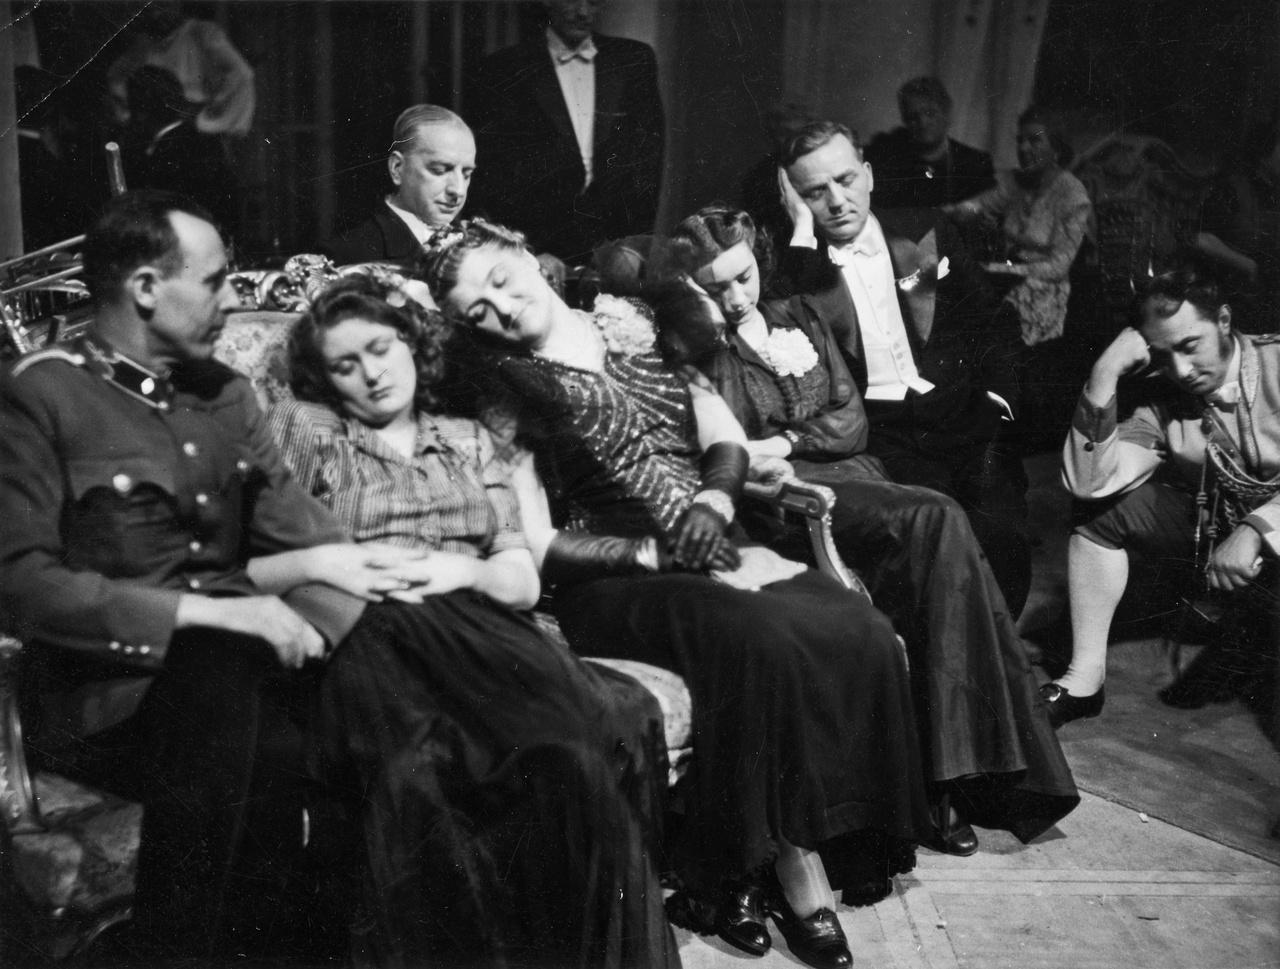 Aki járt már filmforgatáson, az tudja, hogy a világ legfárasztóbb tevékenységeinek egyike. Kevés munka, sok várakozás. Így volt ez régen is, amikor a színészek egyéb elfoglaltsága miatt többnyire éjjel dolgoztak a műtermekben. Nem csoda hát, ha 1942-ben a Házasság című Muráti-film statisztériája is kidőlt a hosszú várakozásban.